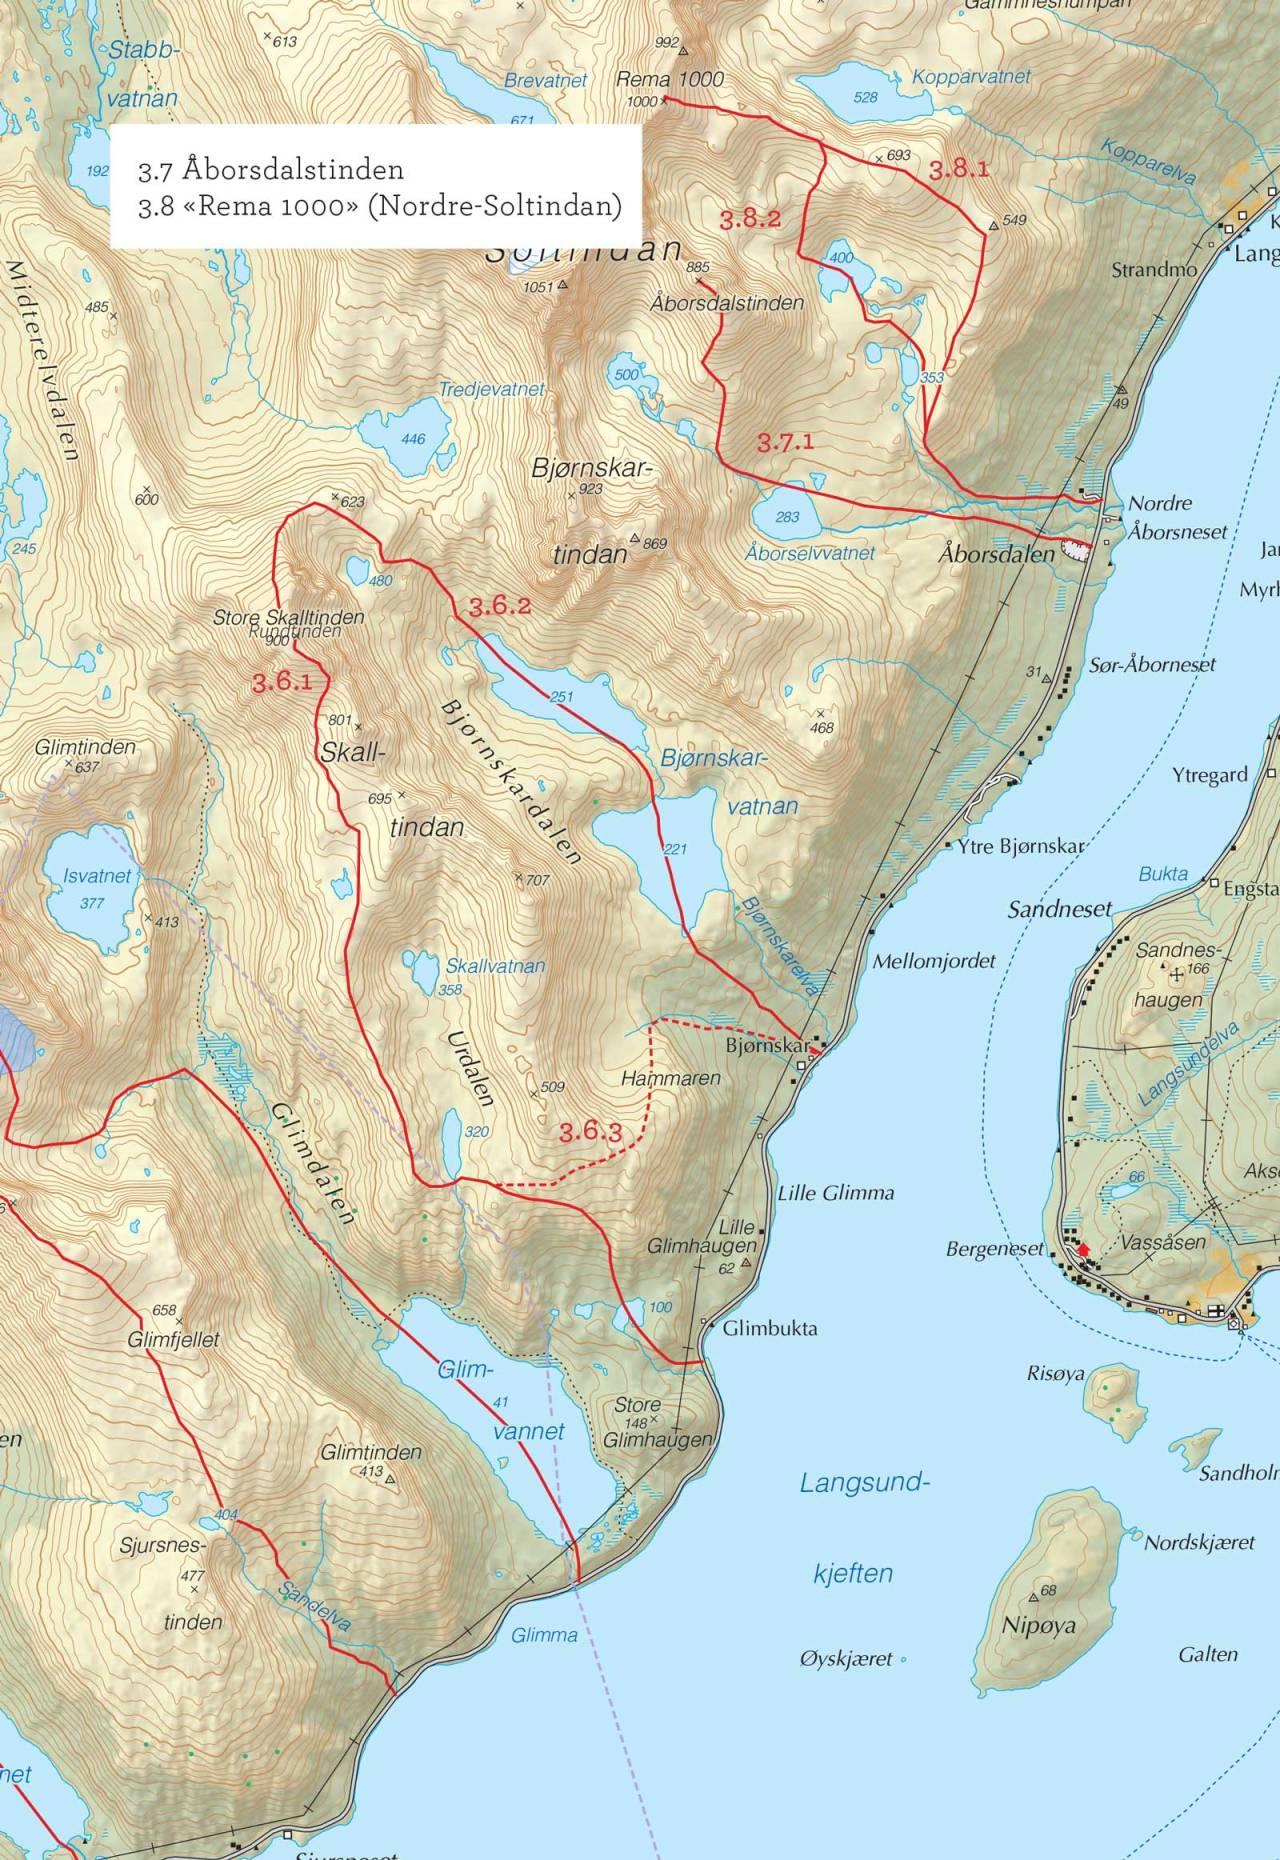 Oversiktskart over Rema 1000(Nordre Soltindan) med inntegnet rute. Fra Toppturer i Troms.